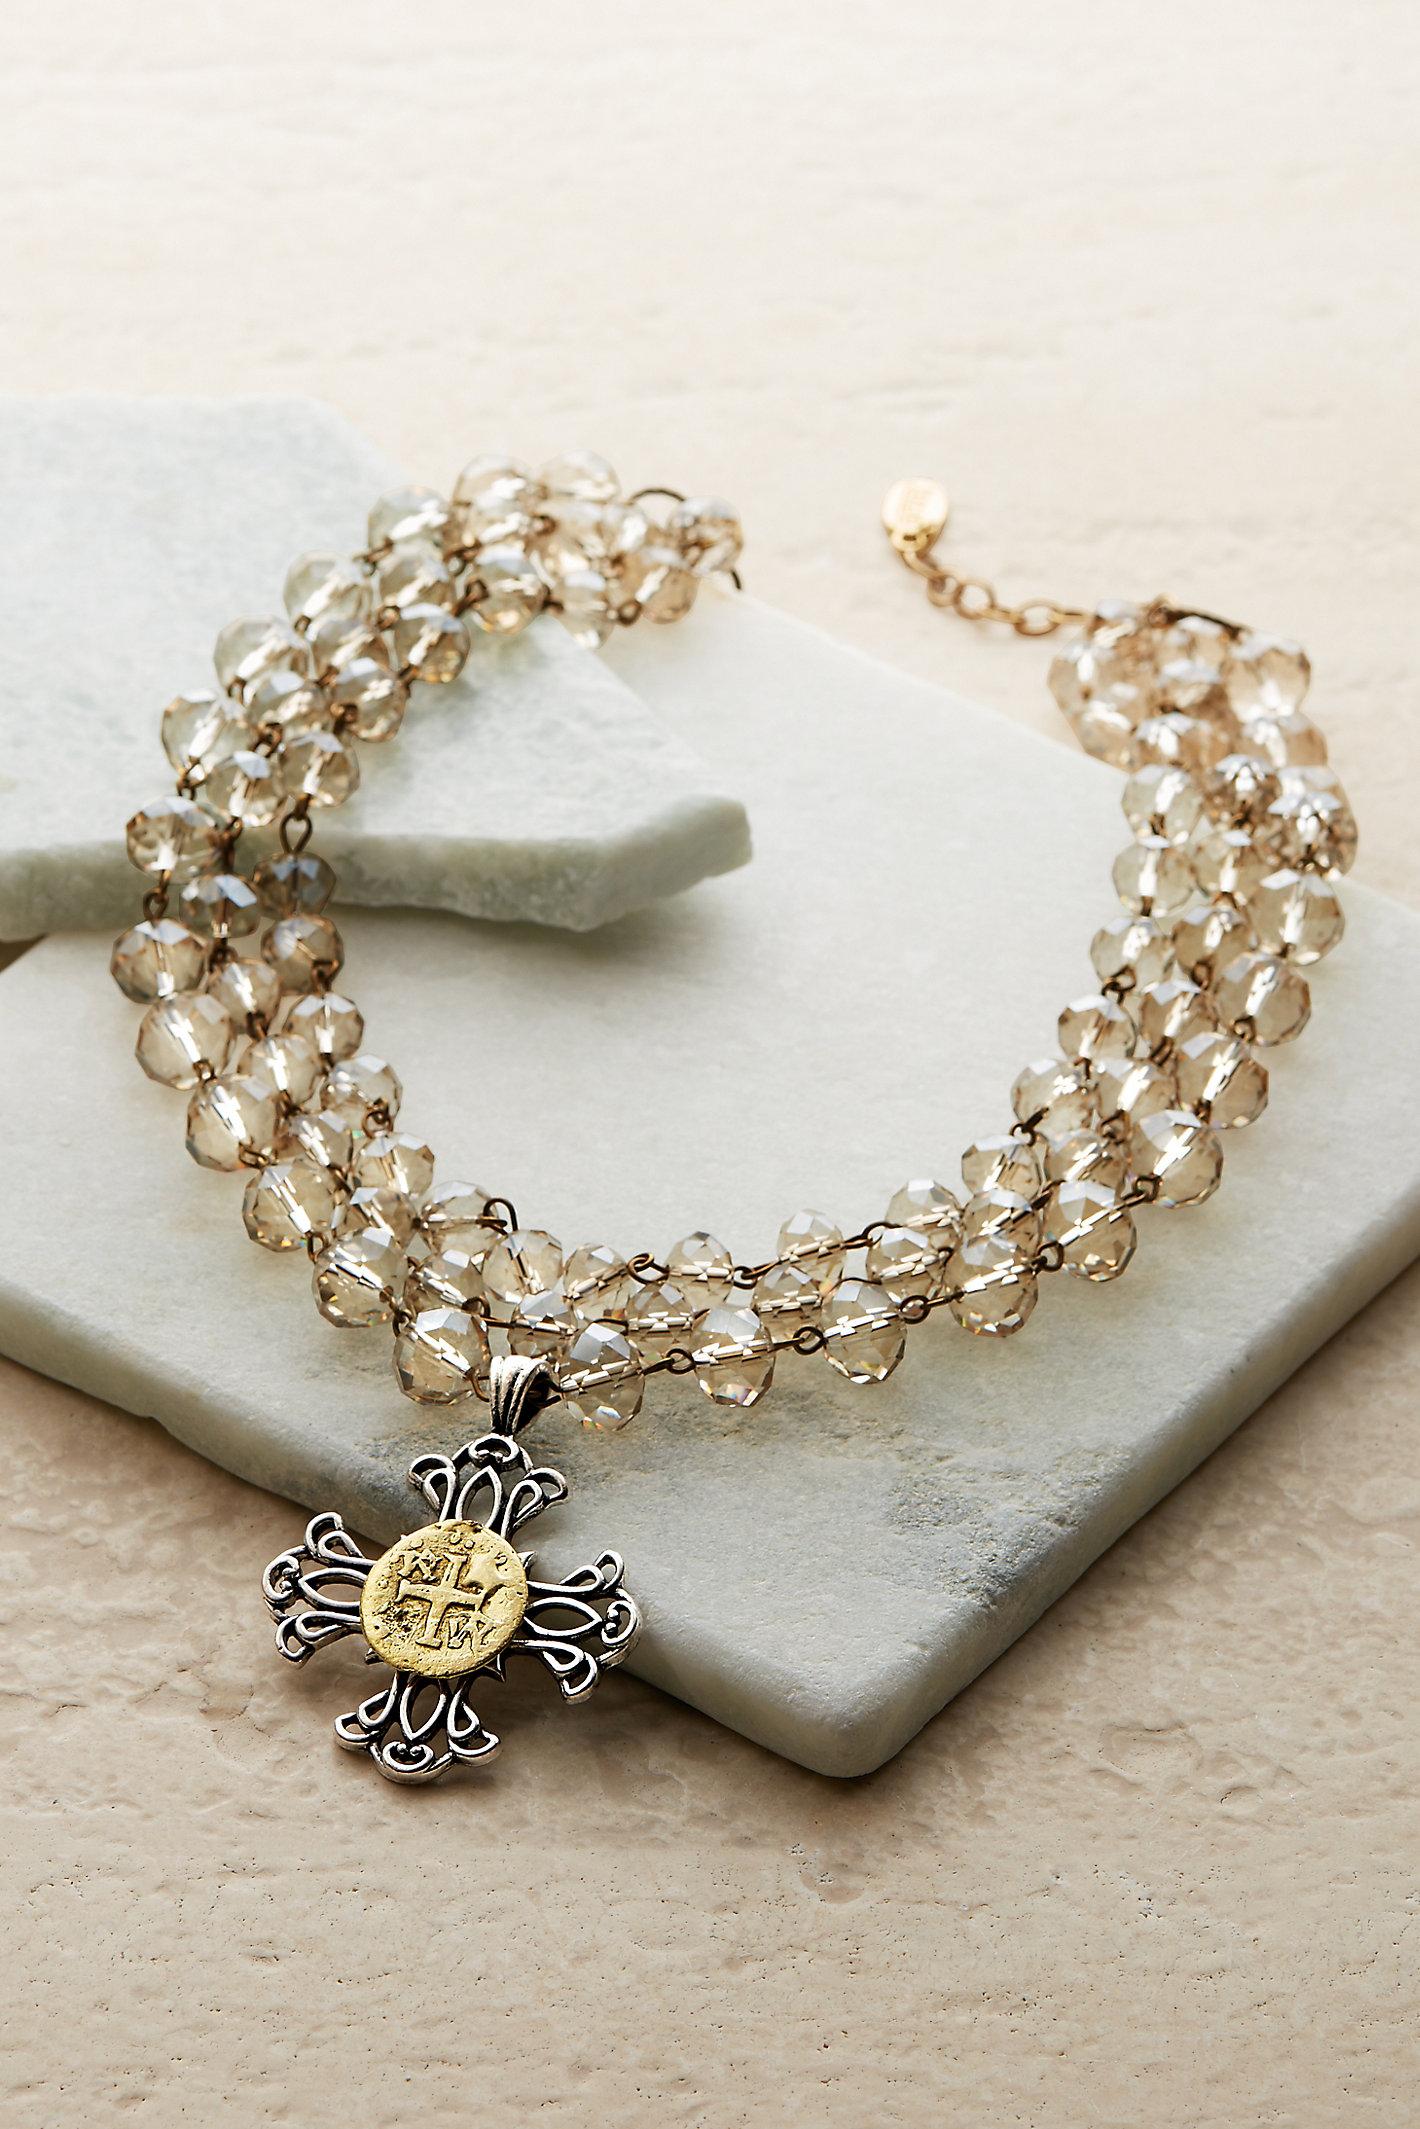 Jd-abigail Necklace